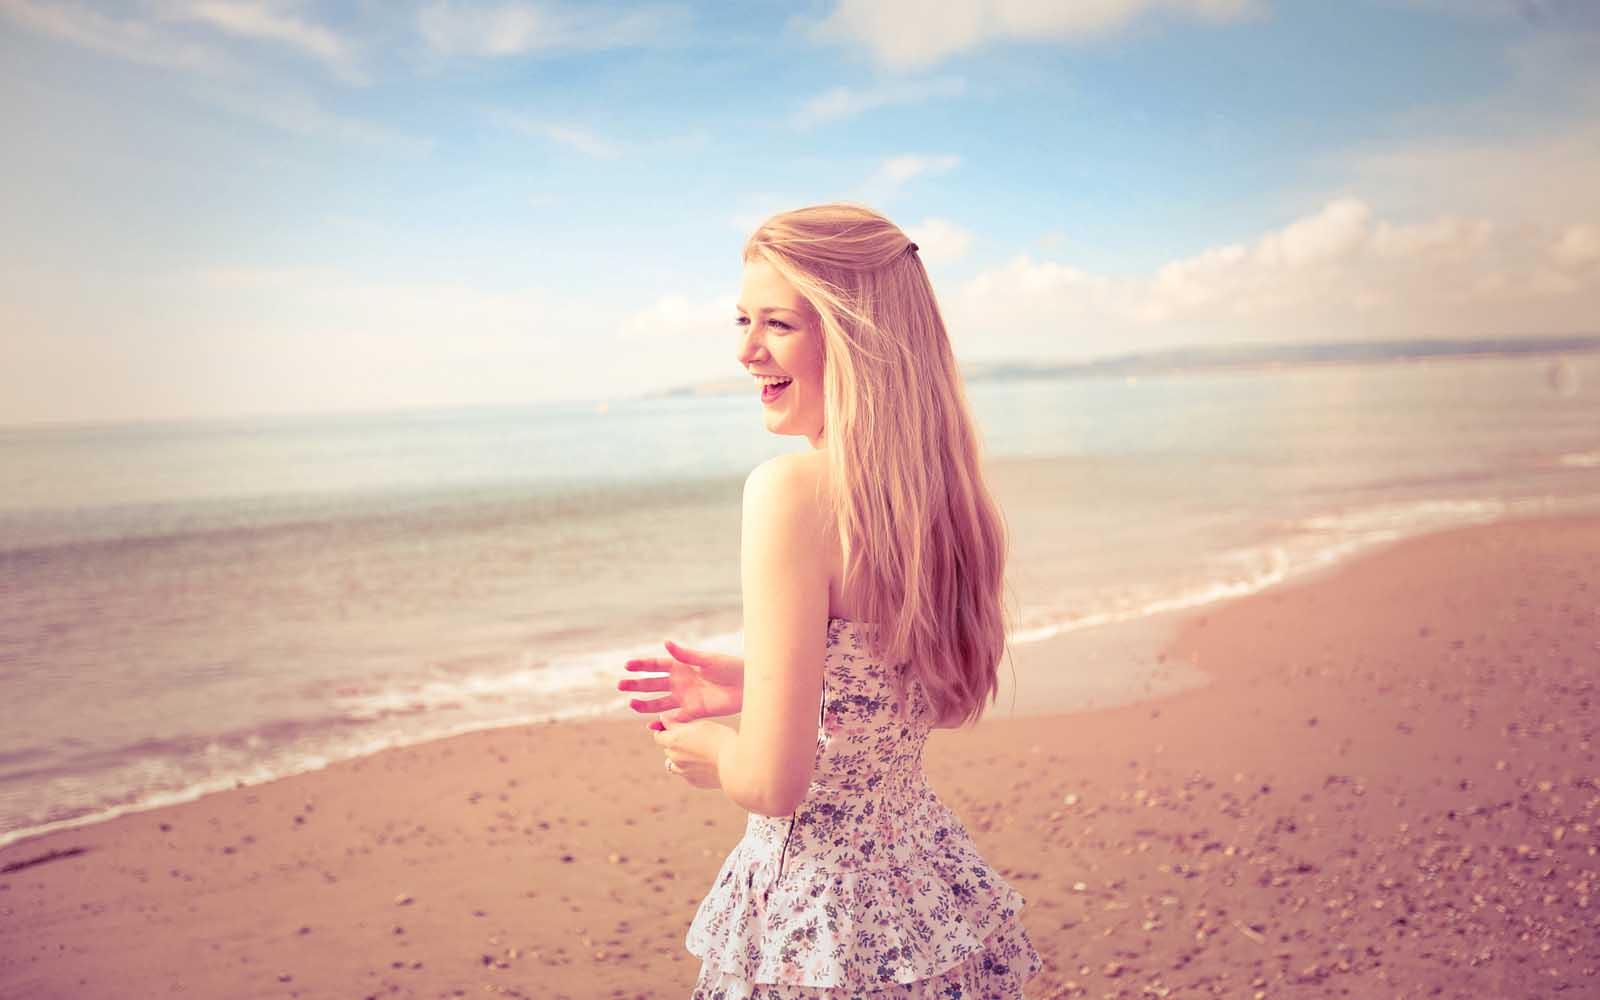 サマキャン終了まであとわずか!船橋にあるミュゼで夏肌にしましょ♡のサムネイル画像